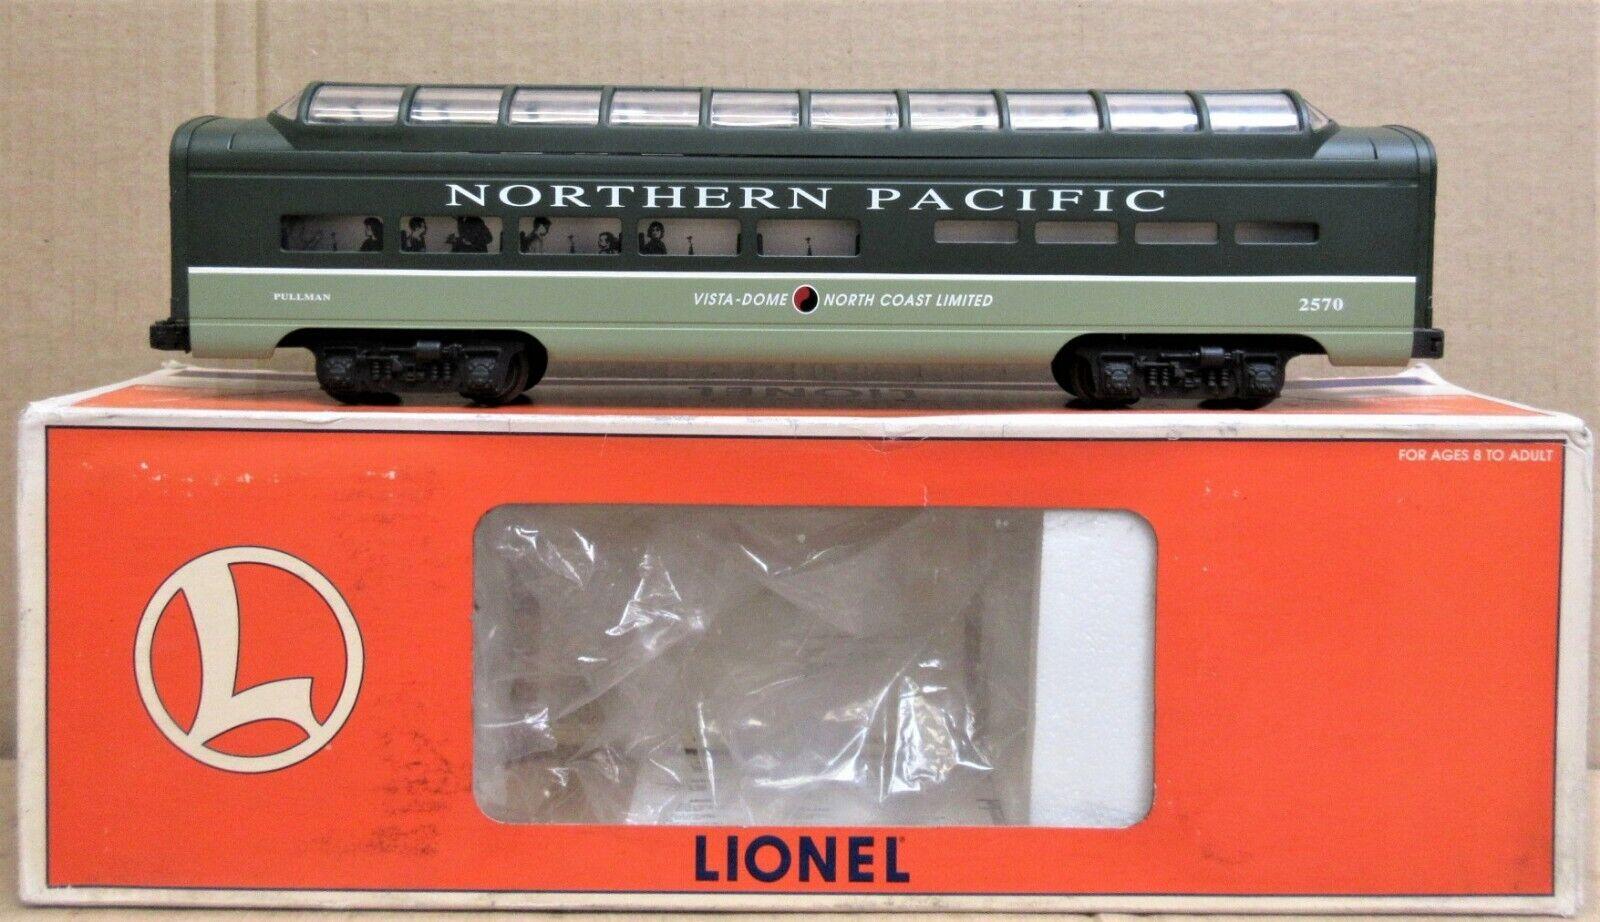 Lionel 6-19169 NP Northern Pacific Aluminio vista-Dome coche de entrenador de pasajeros utilizado